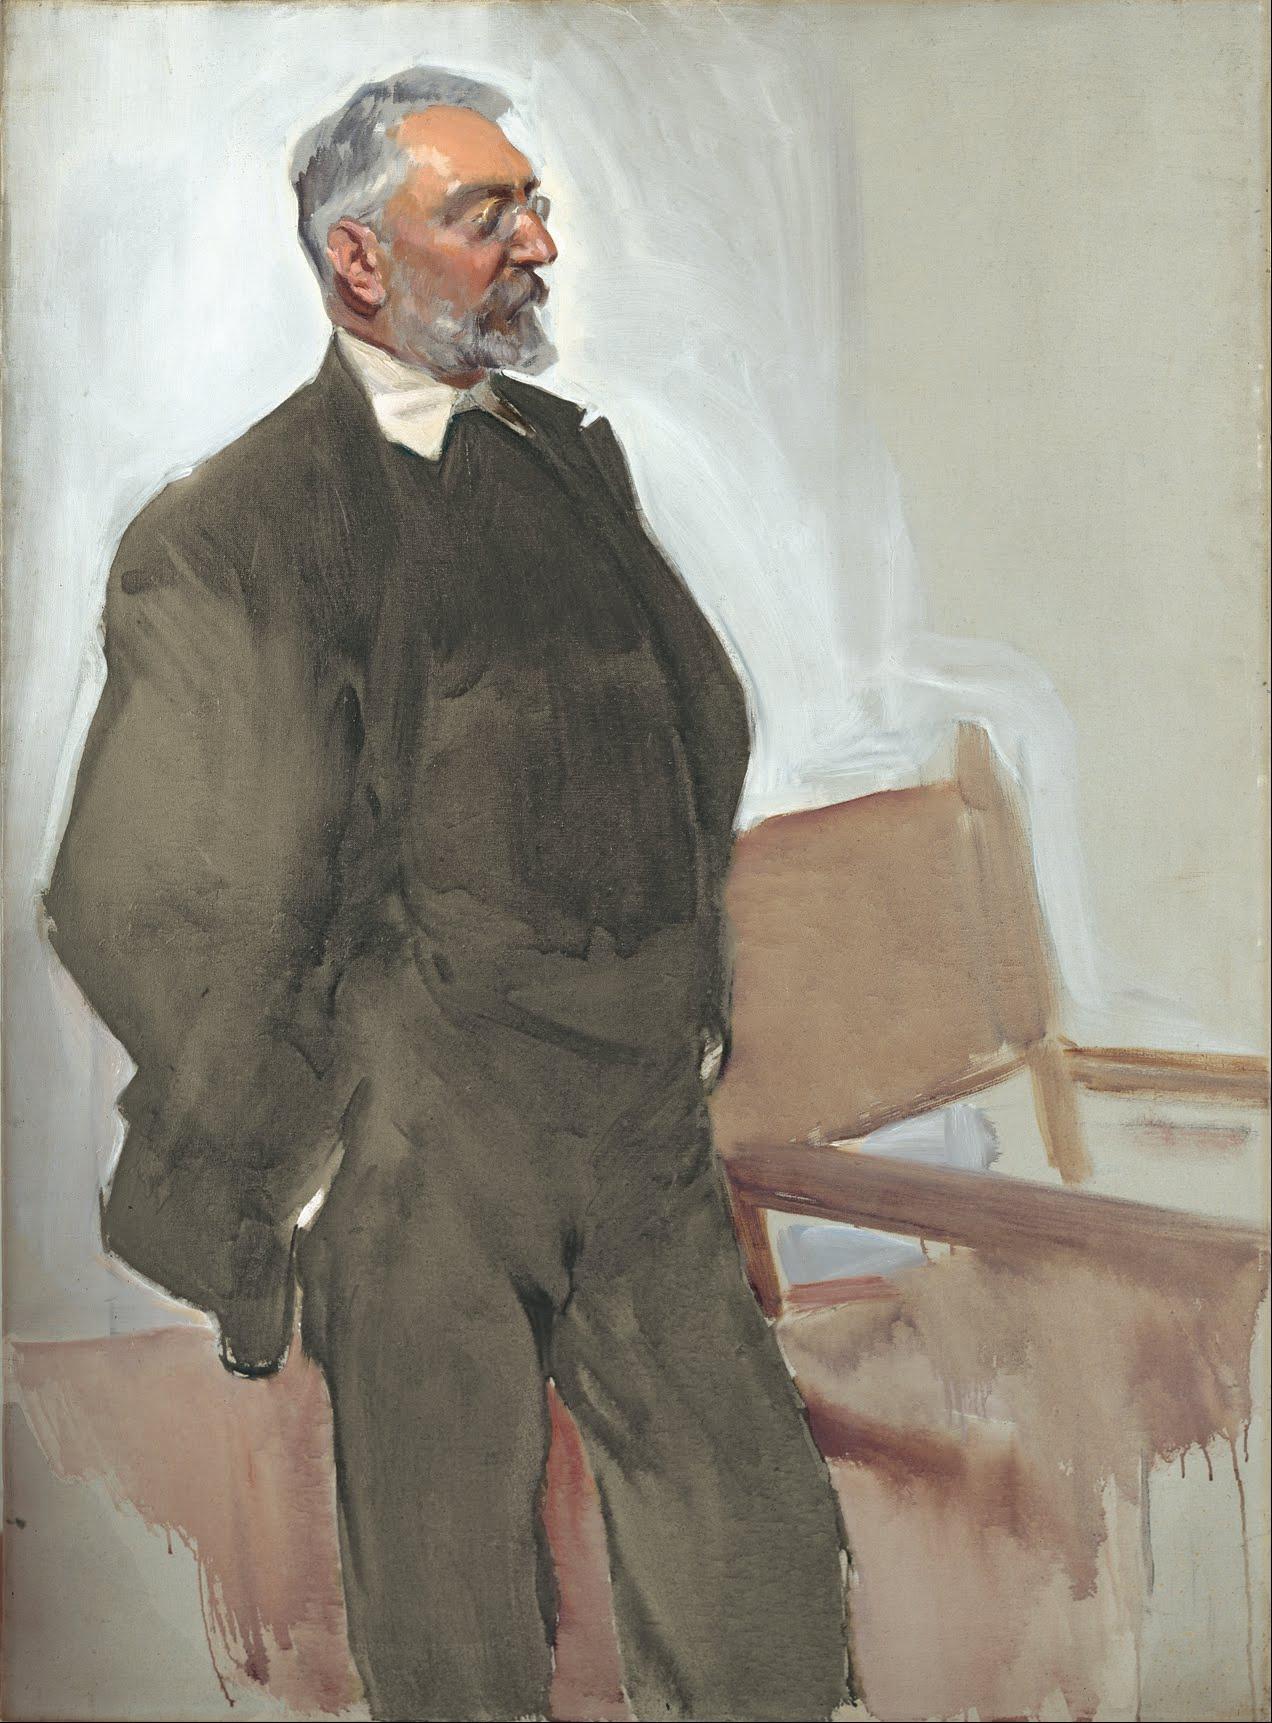 Retratado por Sorolla (c. 1912)